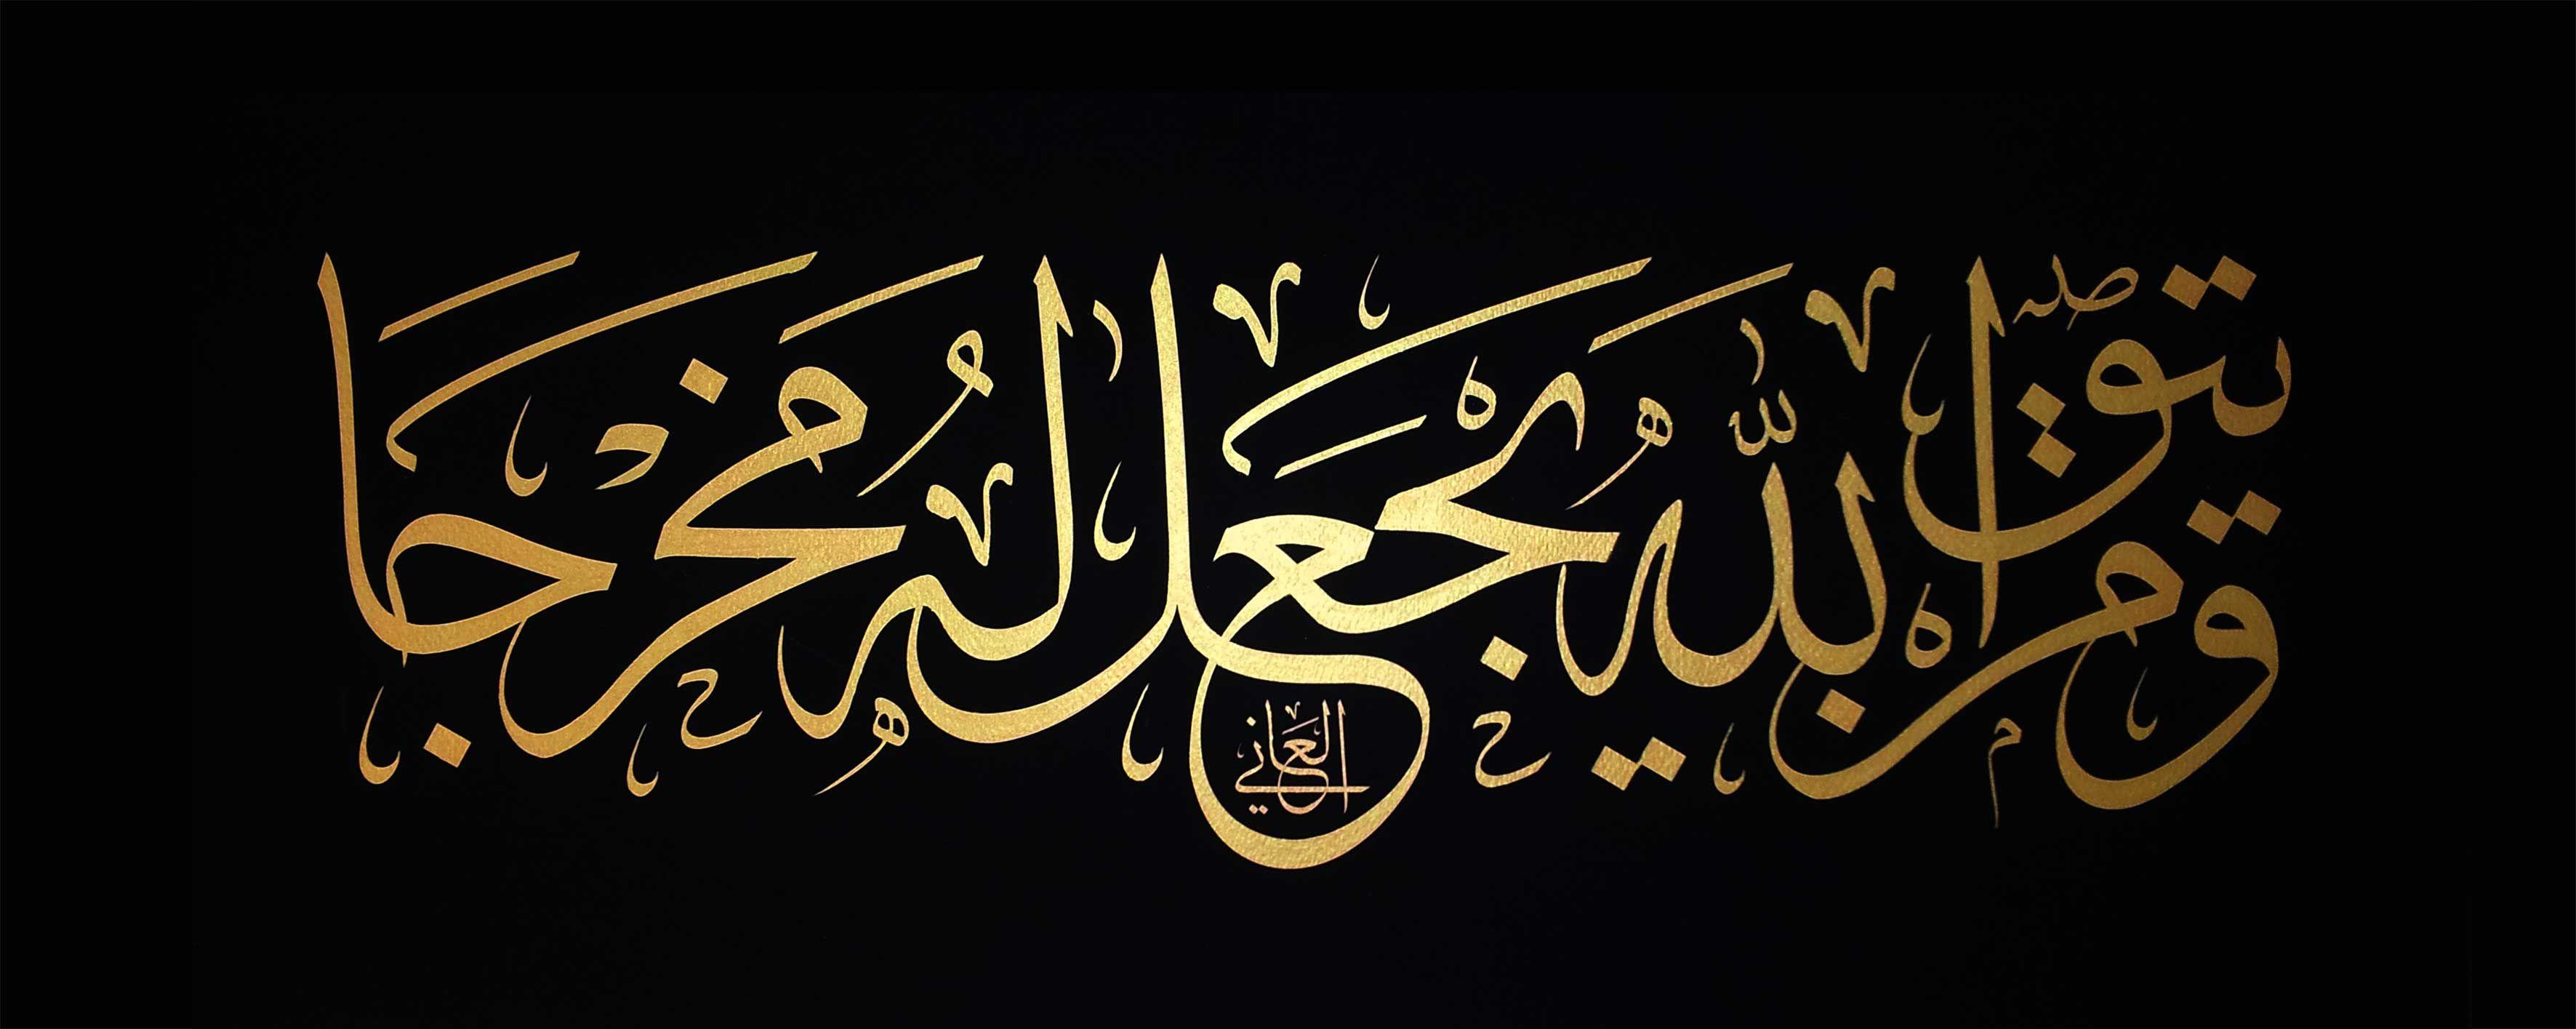 ومن يتق الله يجعل له مخرجا Islamic Art Calligraphy Art Calligraphy